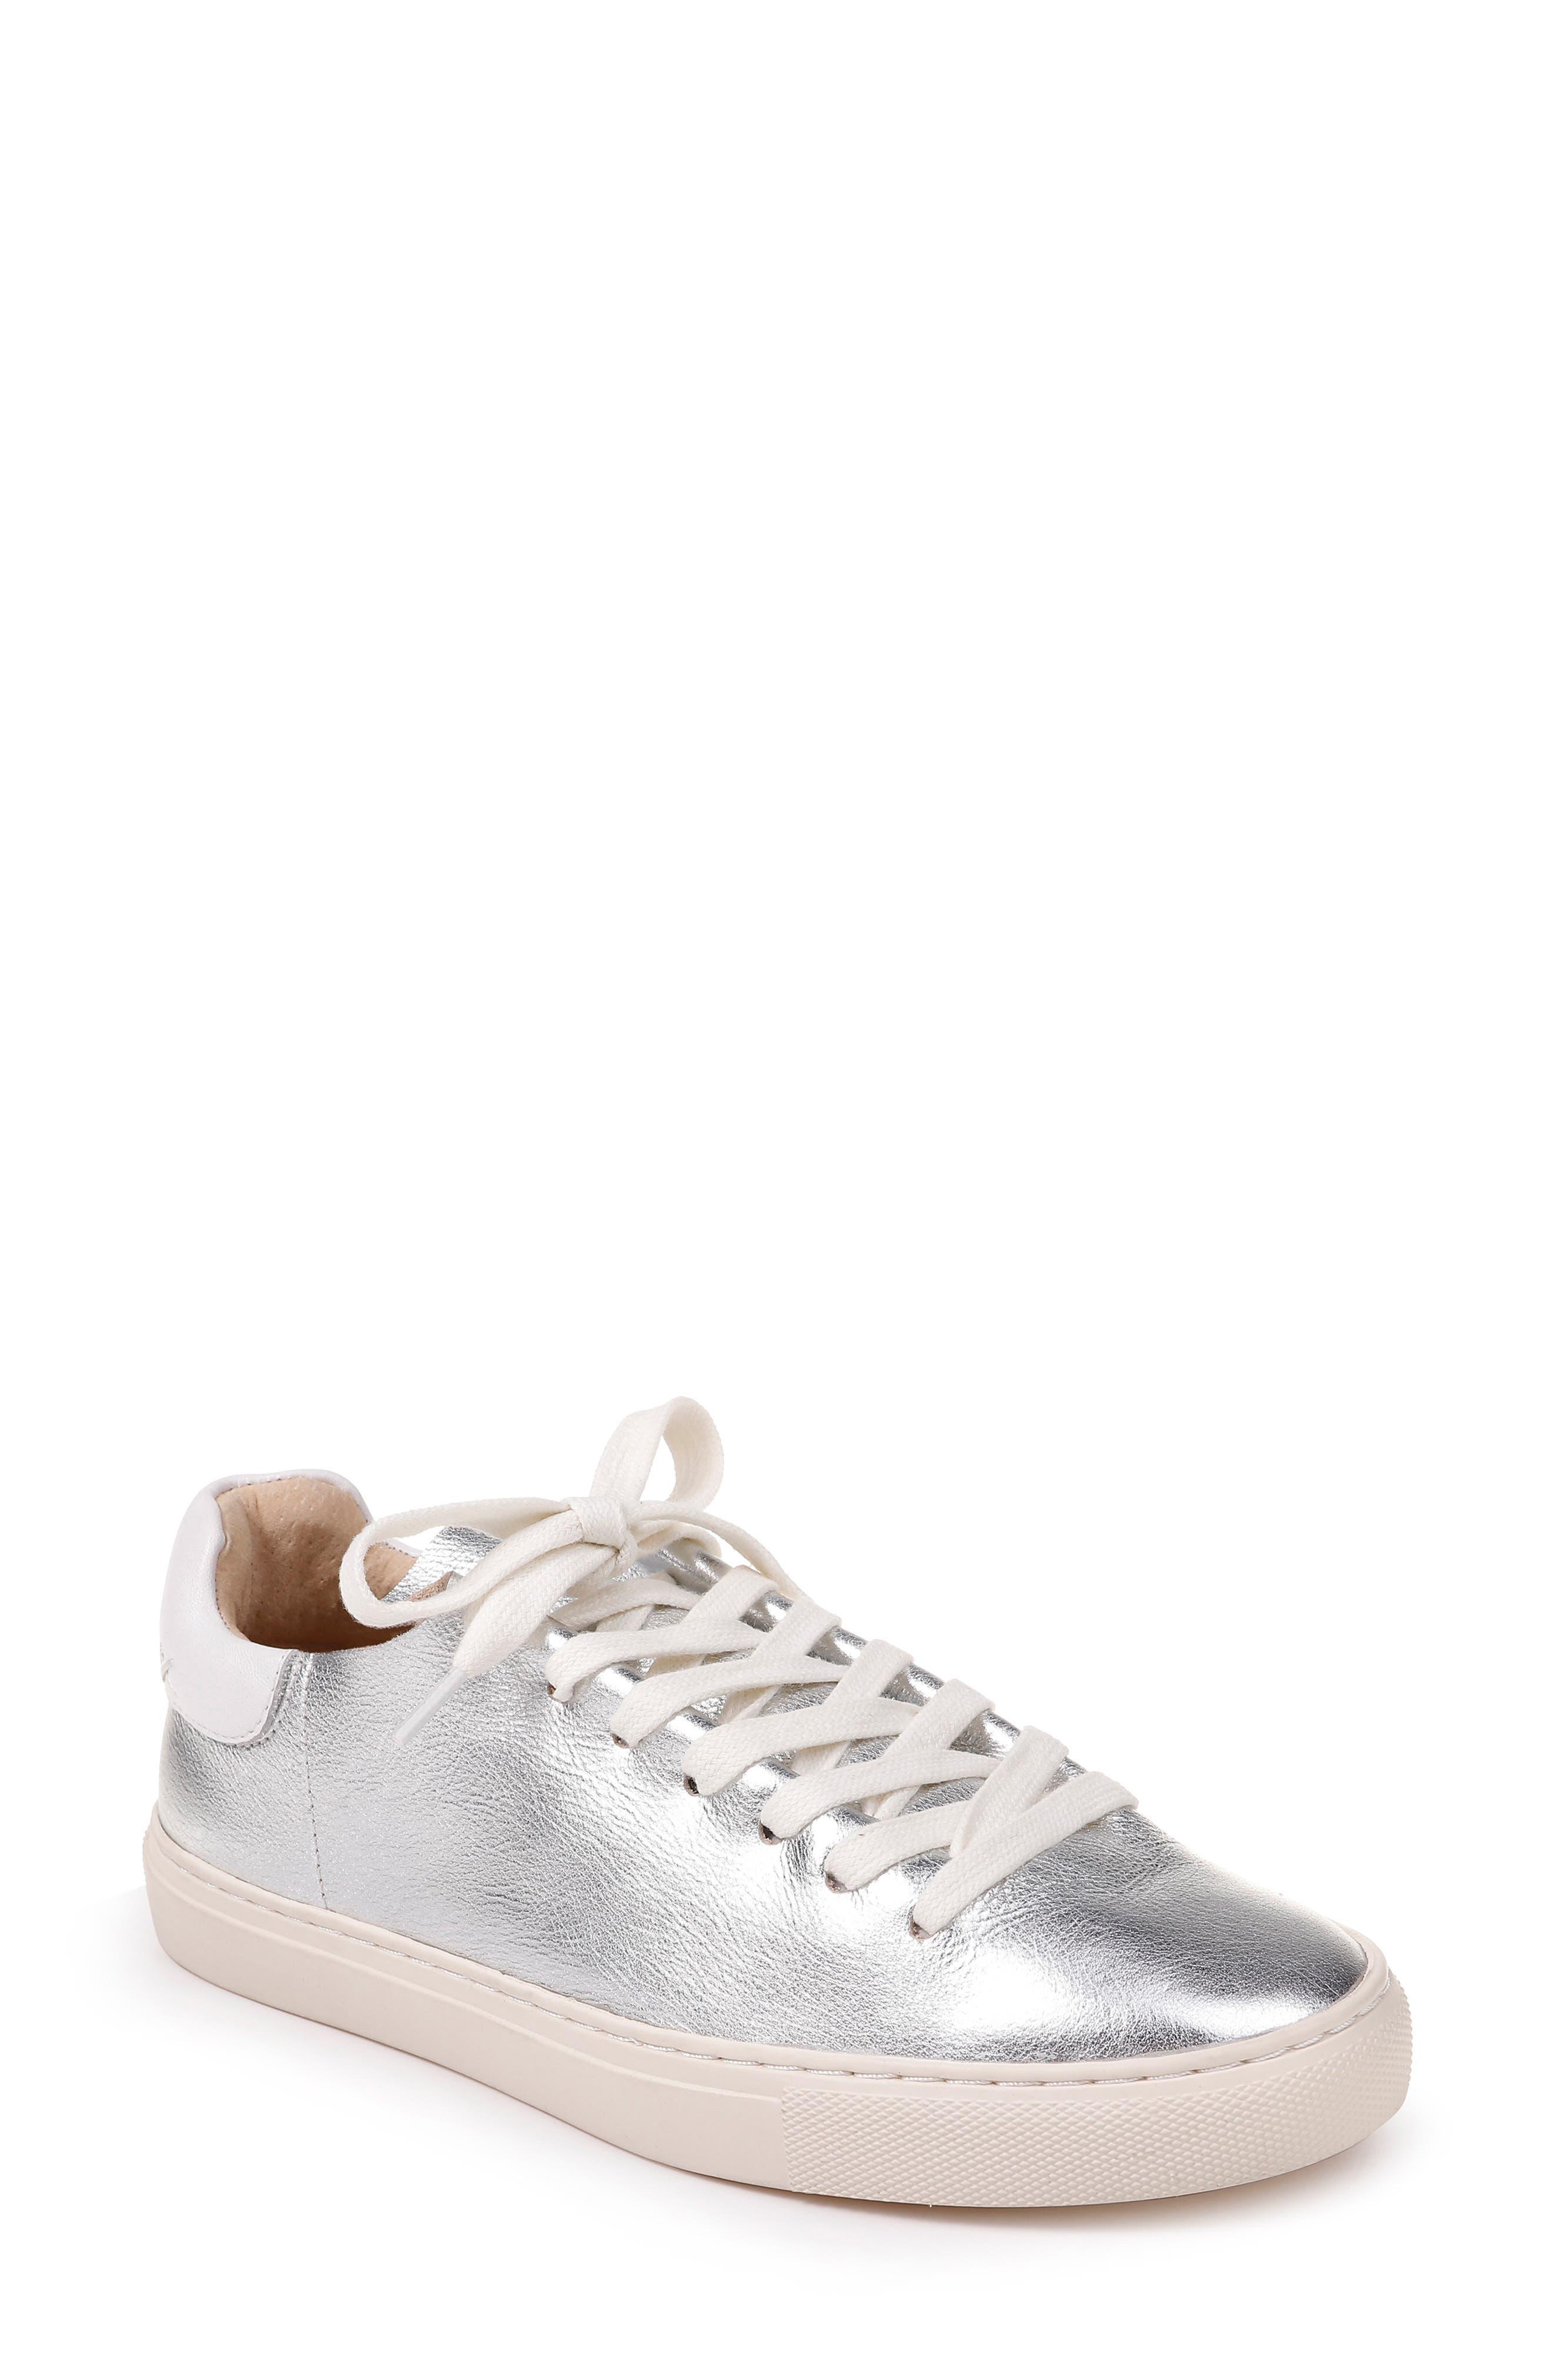 Image of Splendid Hickort Leather Sneaker